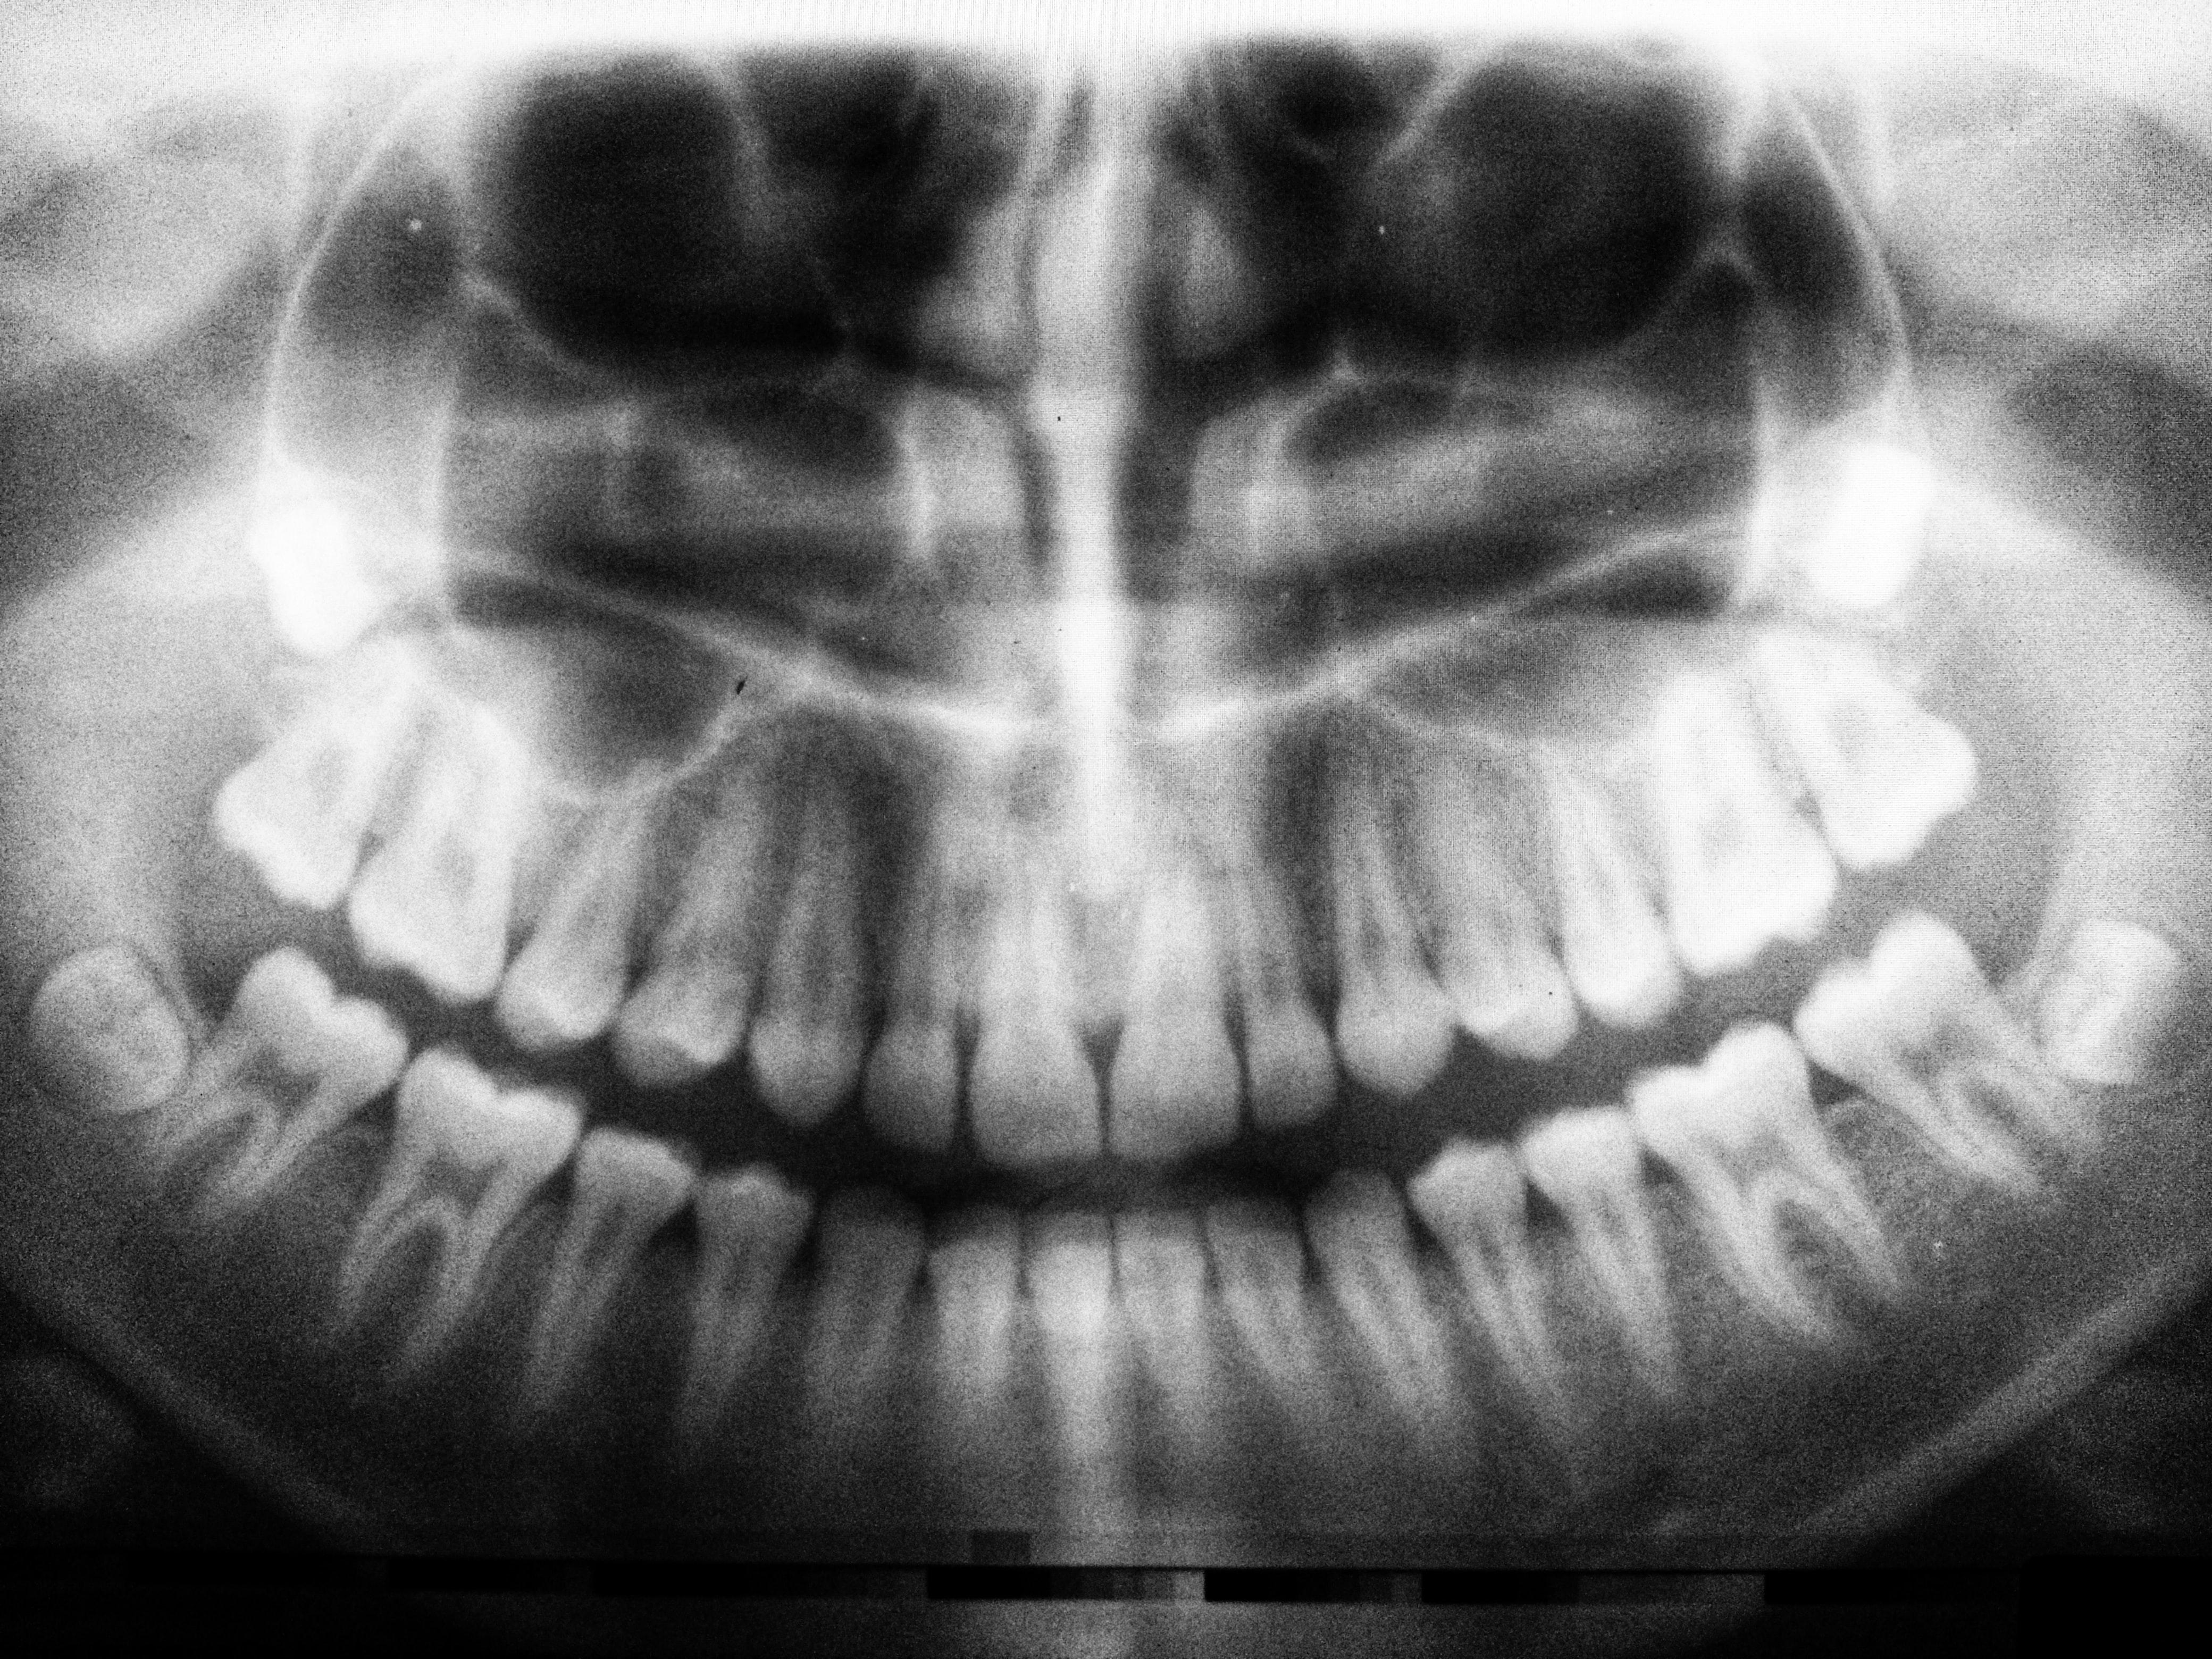 PAN x-ray